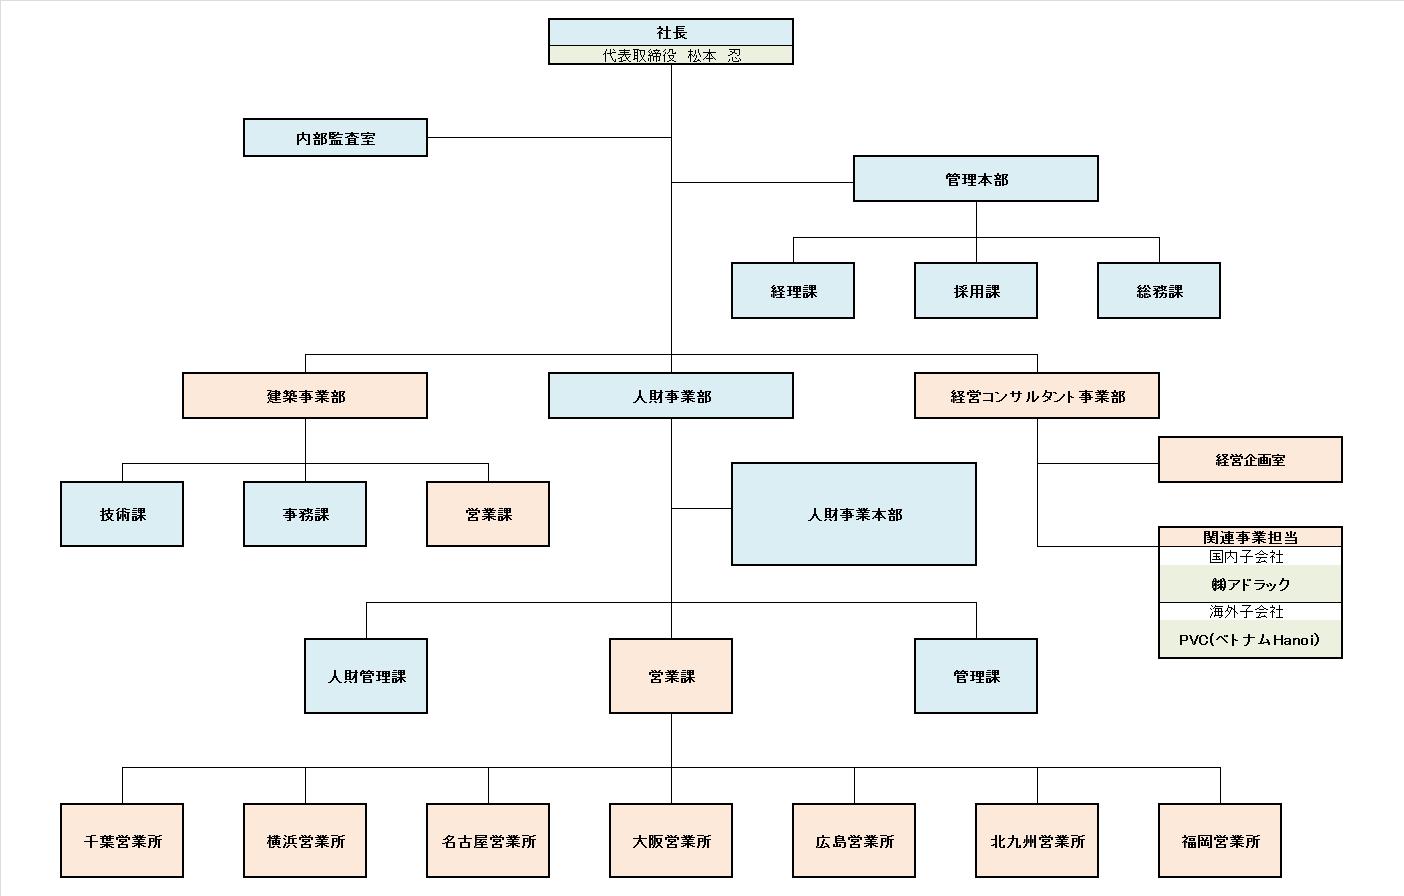 組織図 2017.7.1以降